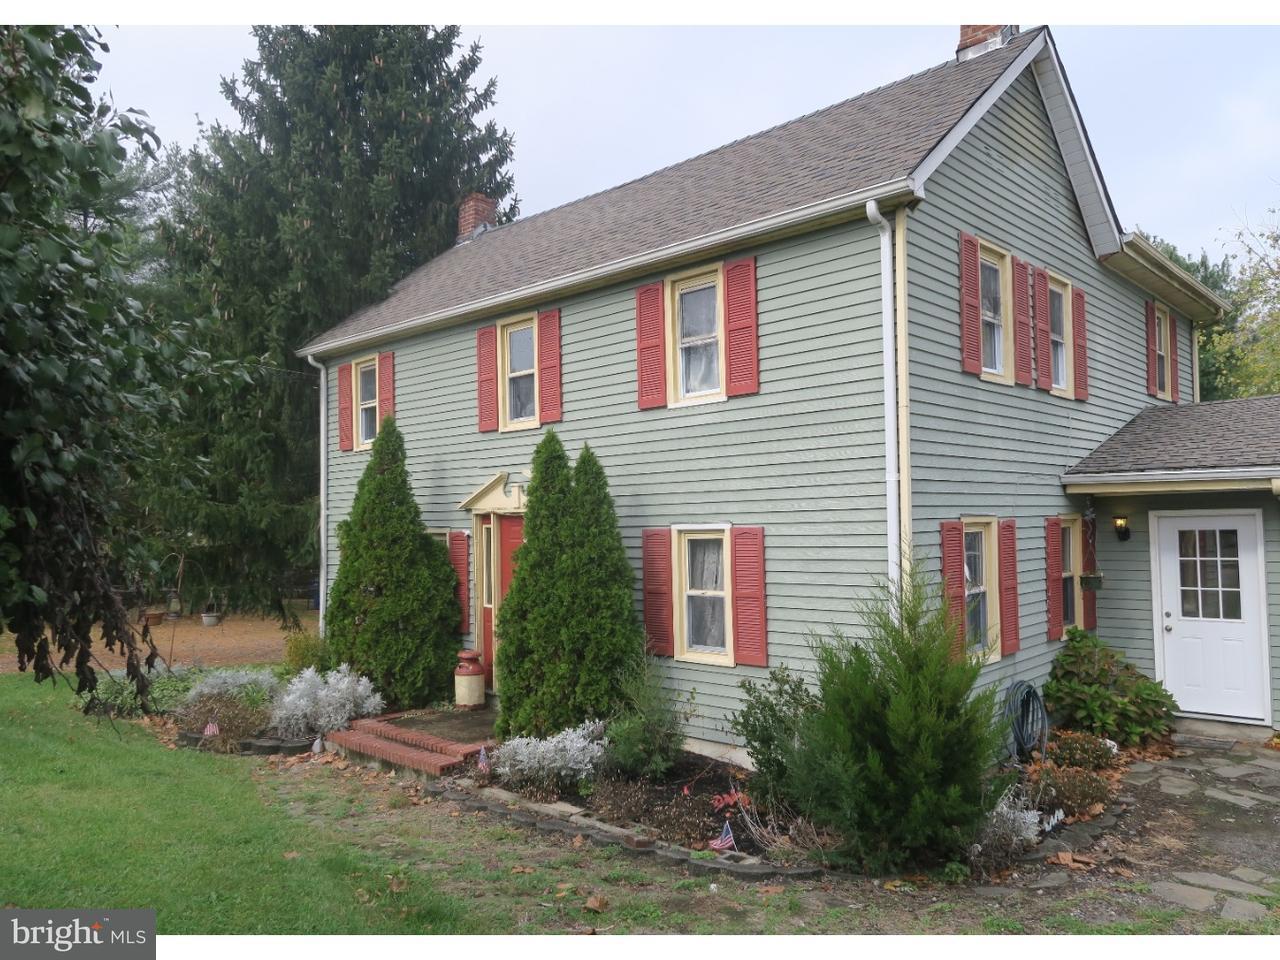 Casa Unifamiliar por un Venta en 6 BUNTING BRIDGE Road Cookstown, Nueva Jersey 08511 Estados Unidos